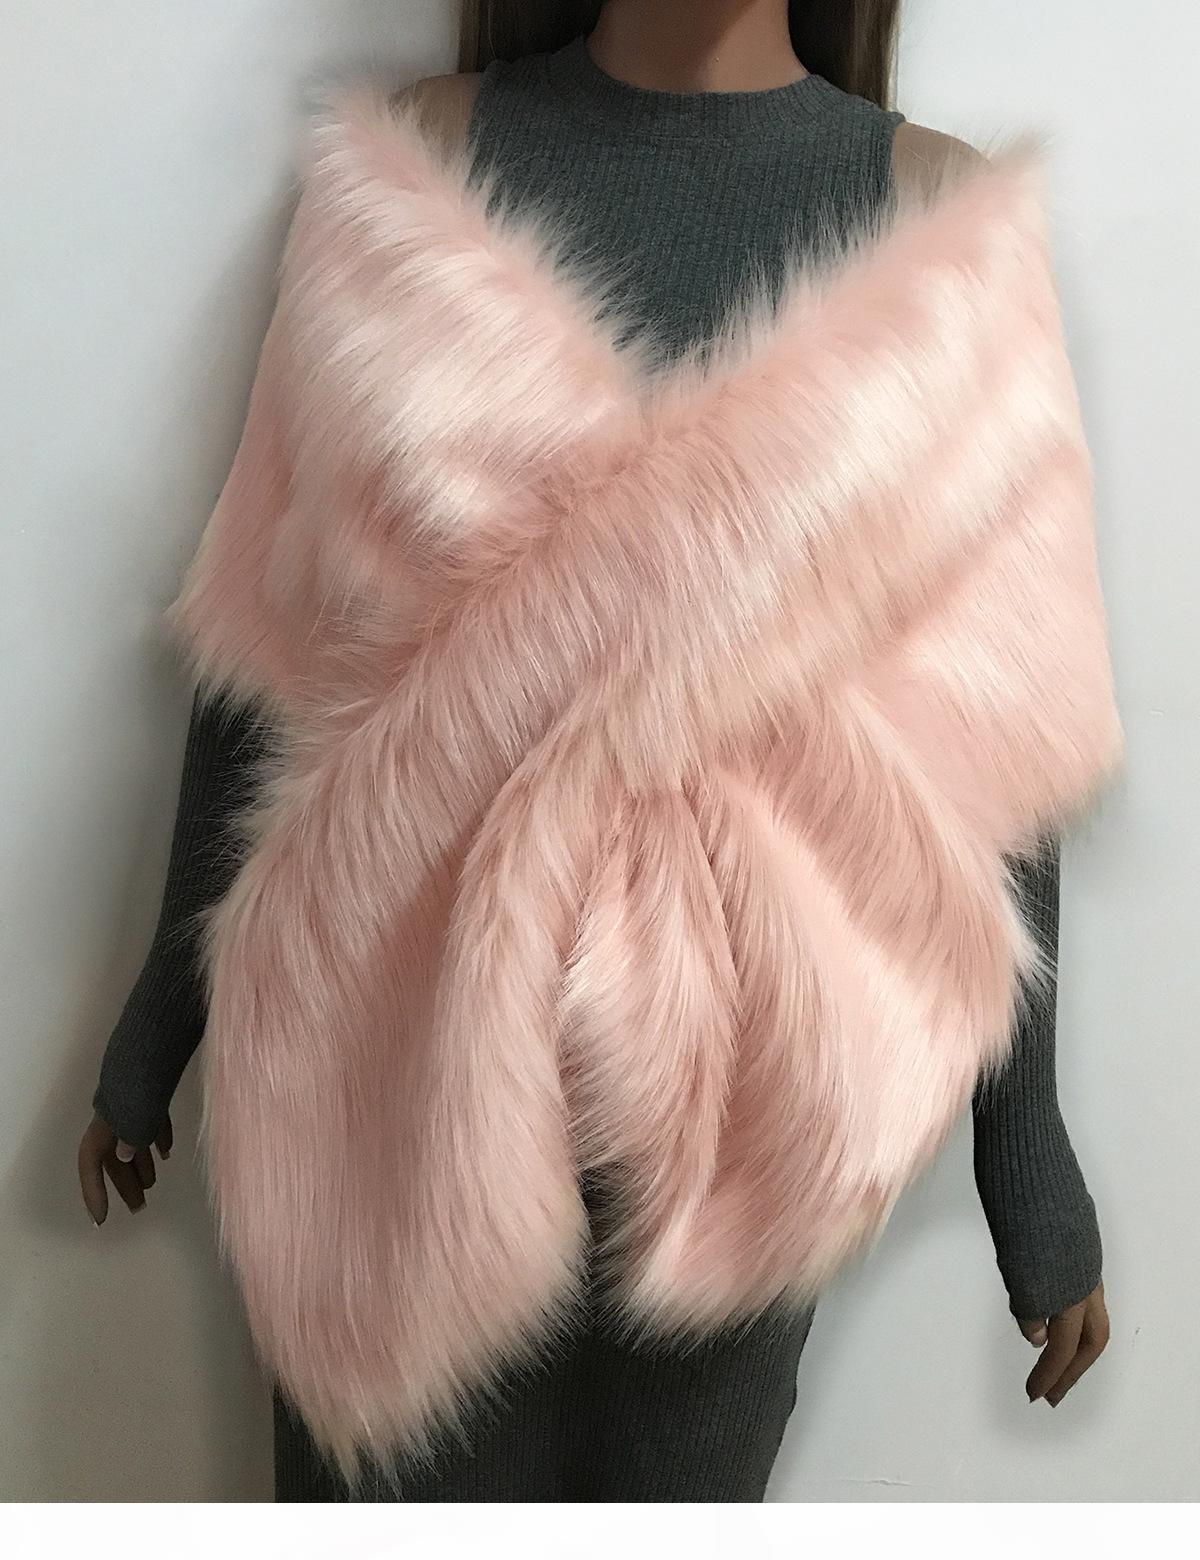 Мода меховой платок Свадебные Wrap Формальное Cheongsam платье Крупногабаритные шарф Soft Fox Lady Winter Поддельные Воротник Верхняя одежда невесты мыс D18102905